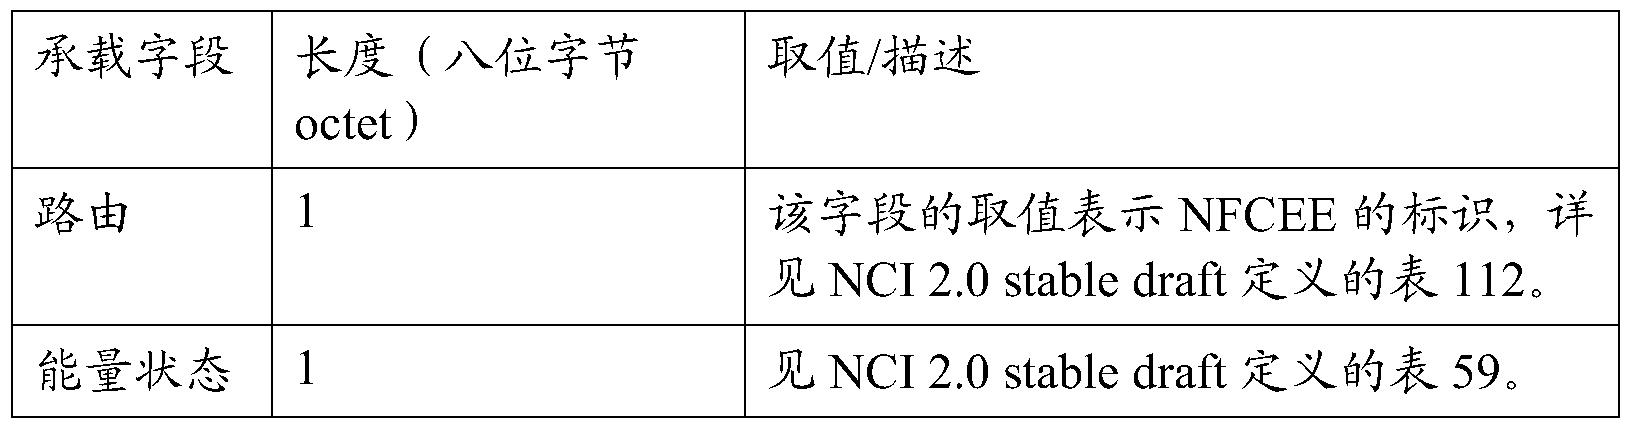 Figure PCTCN2014087999-appb-000010